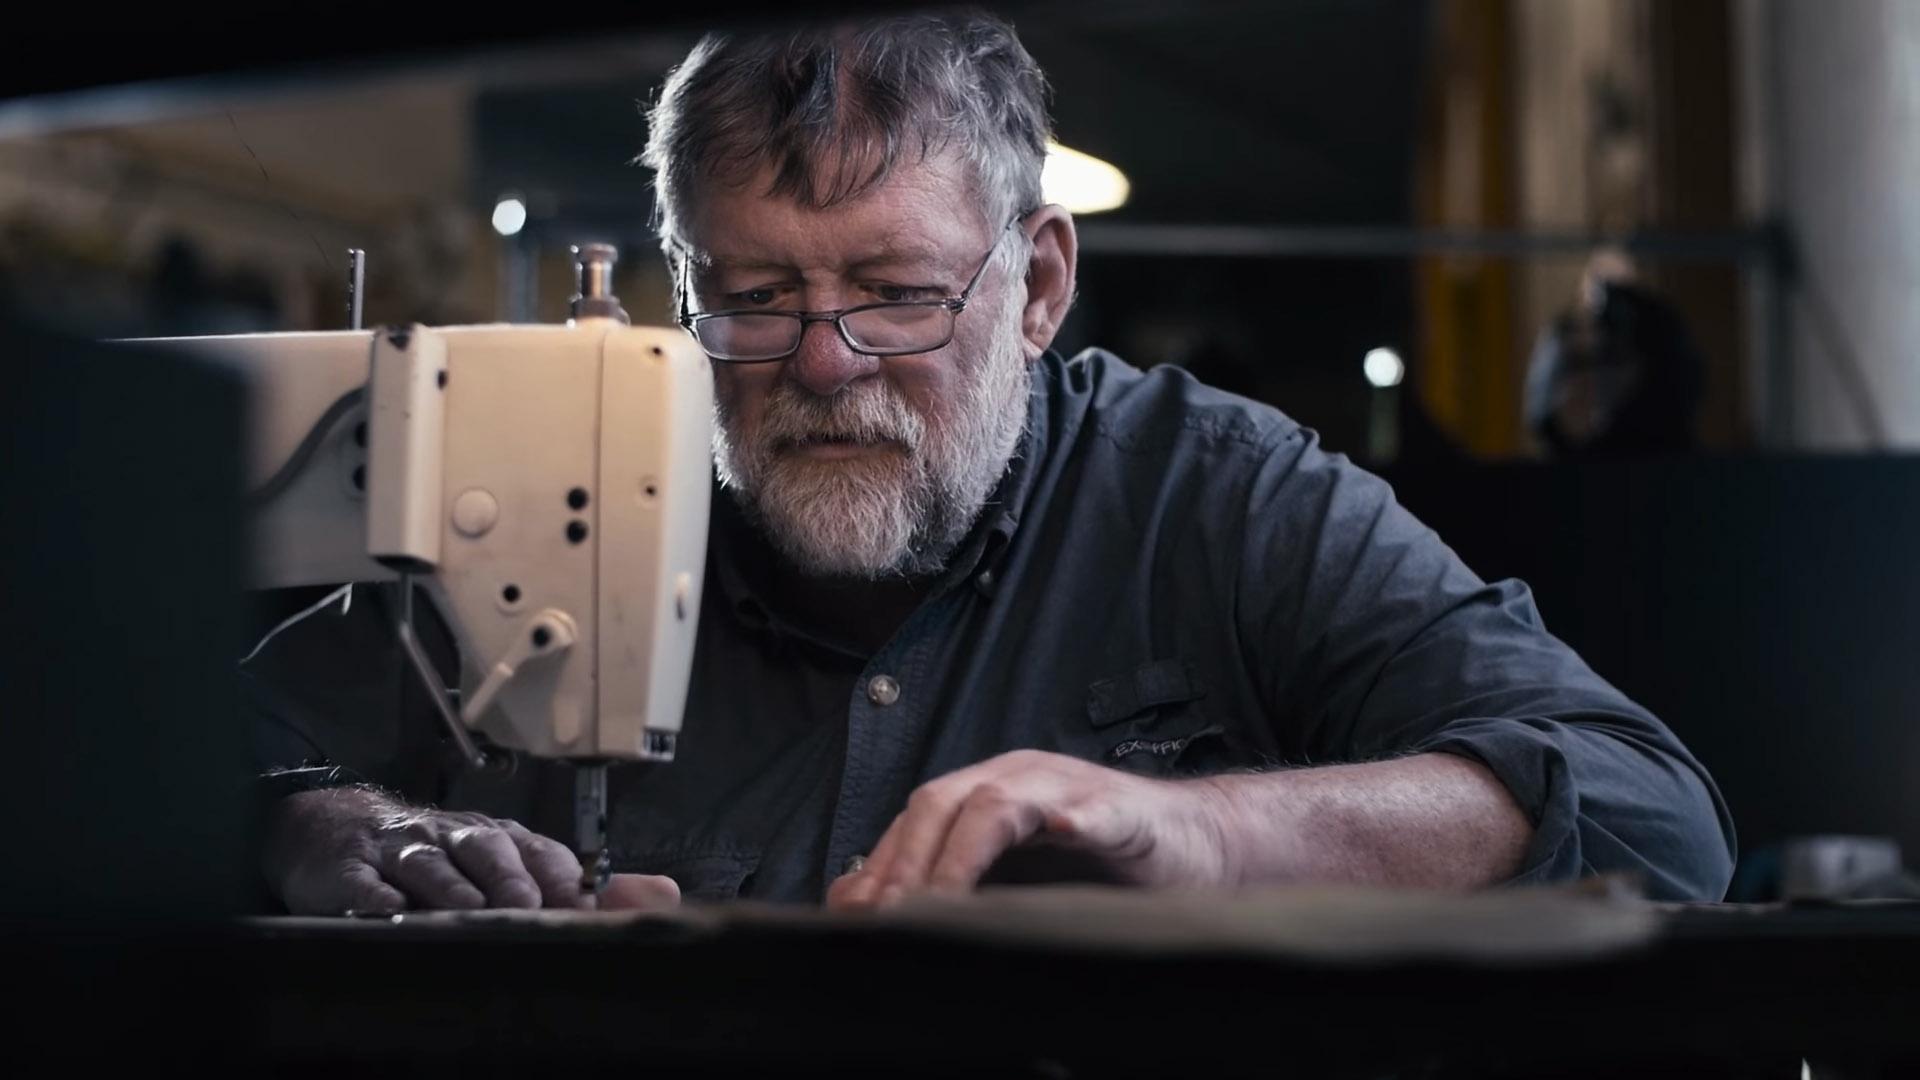 Dana Gleason - grundare och designer på Mystery Ranch som gjort ryggsäckar sendan 1975.